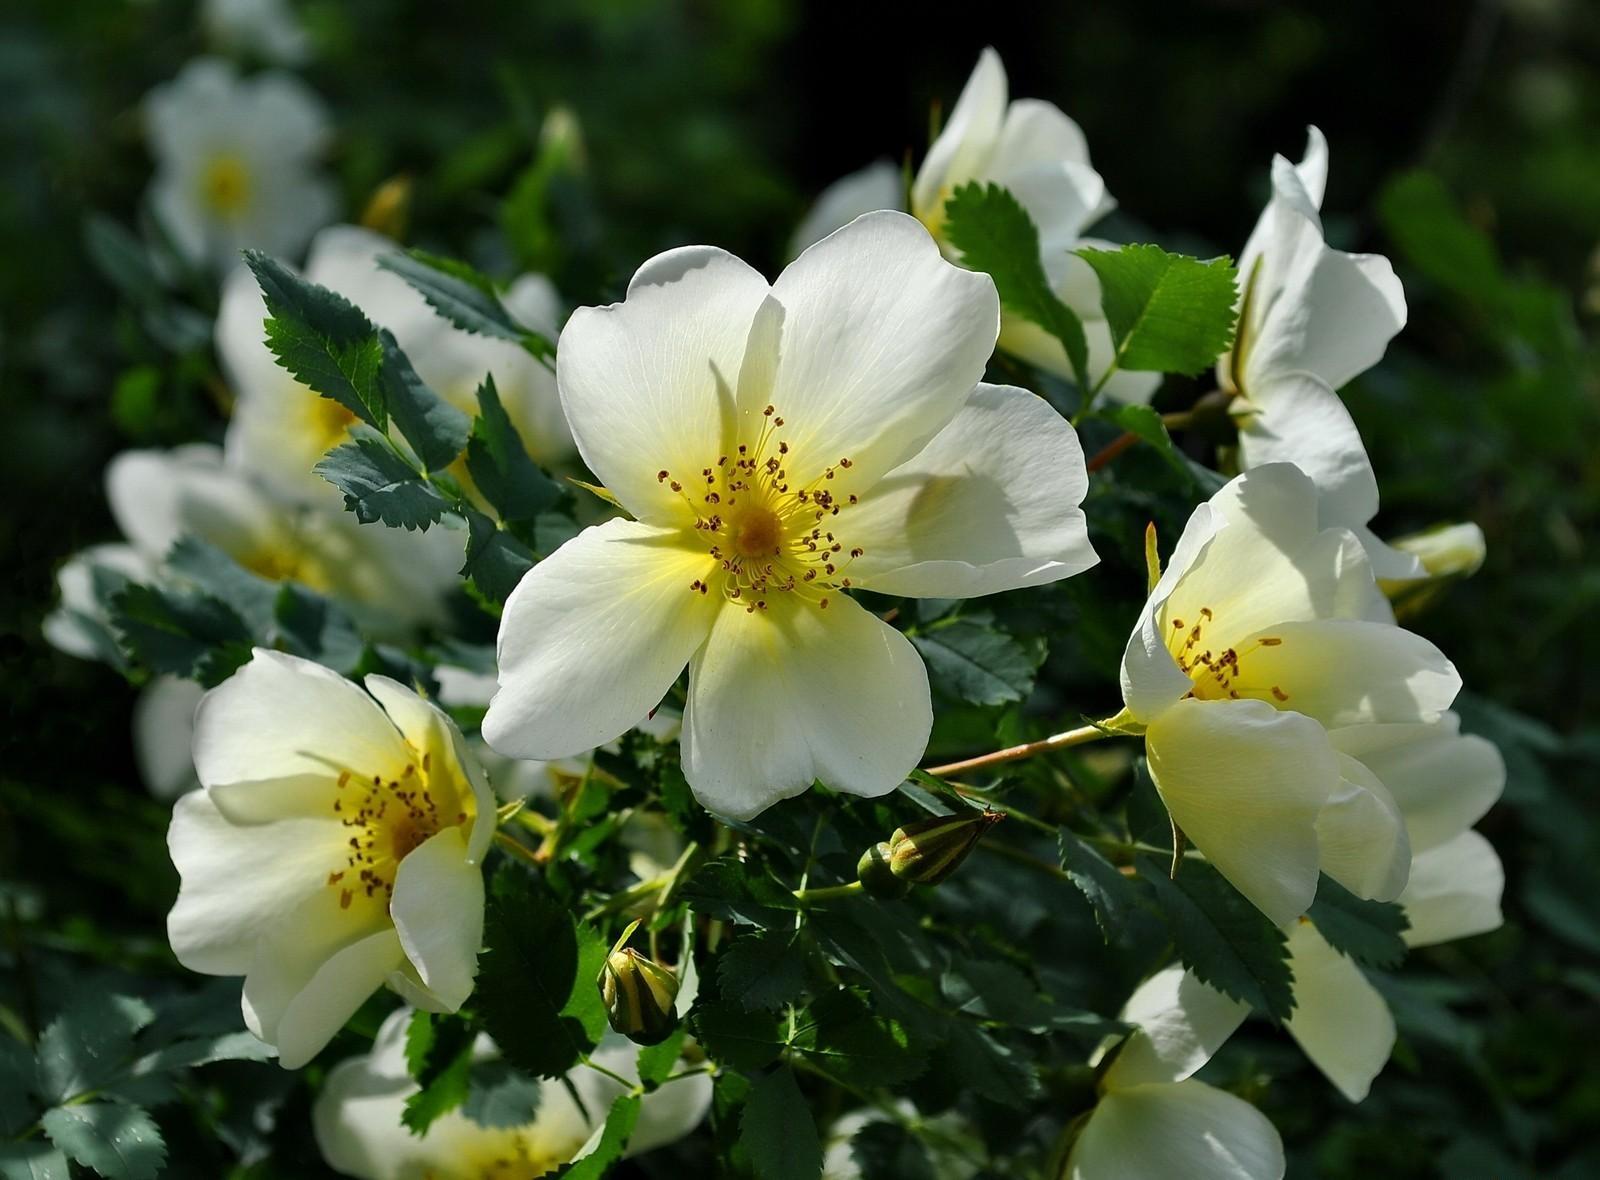 112343 скачать обои Цветы, Шиповник, Цветение, Кустарник, Зелень, Солнечно - заставки и картинки бесплатно